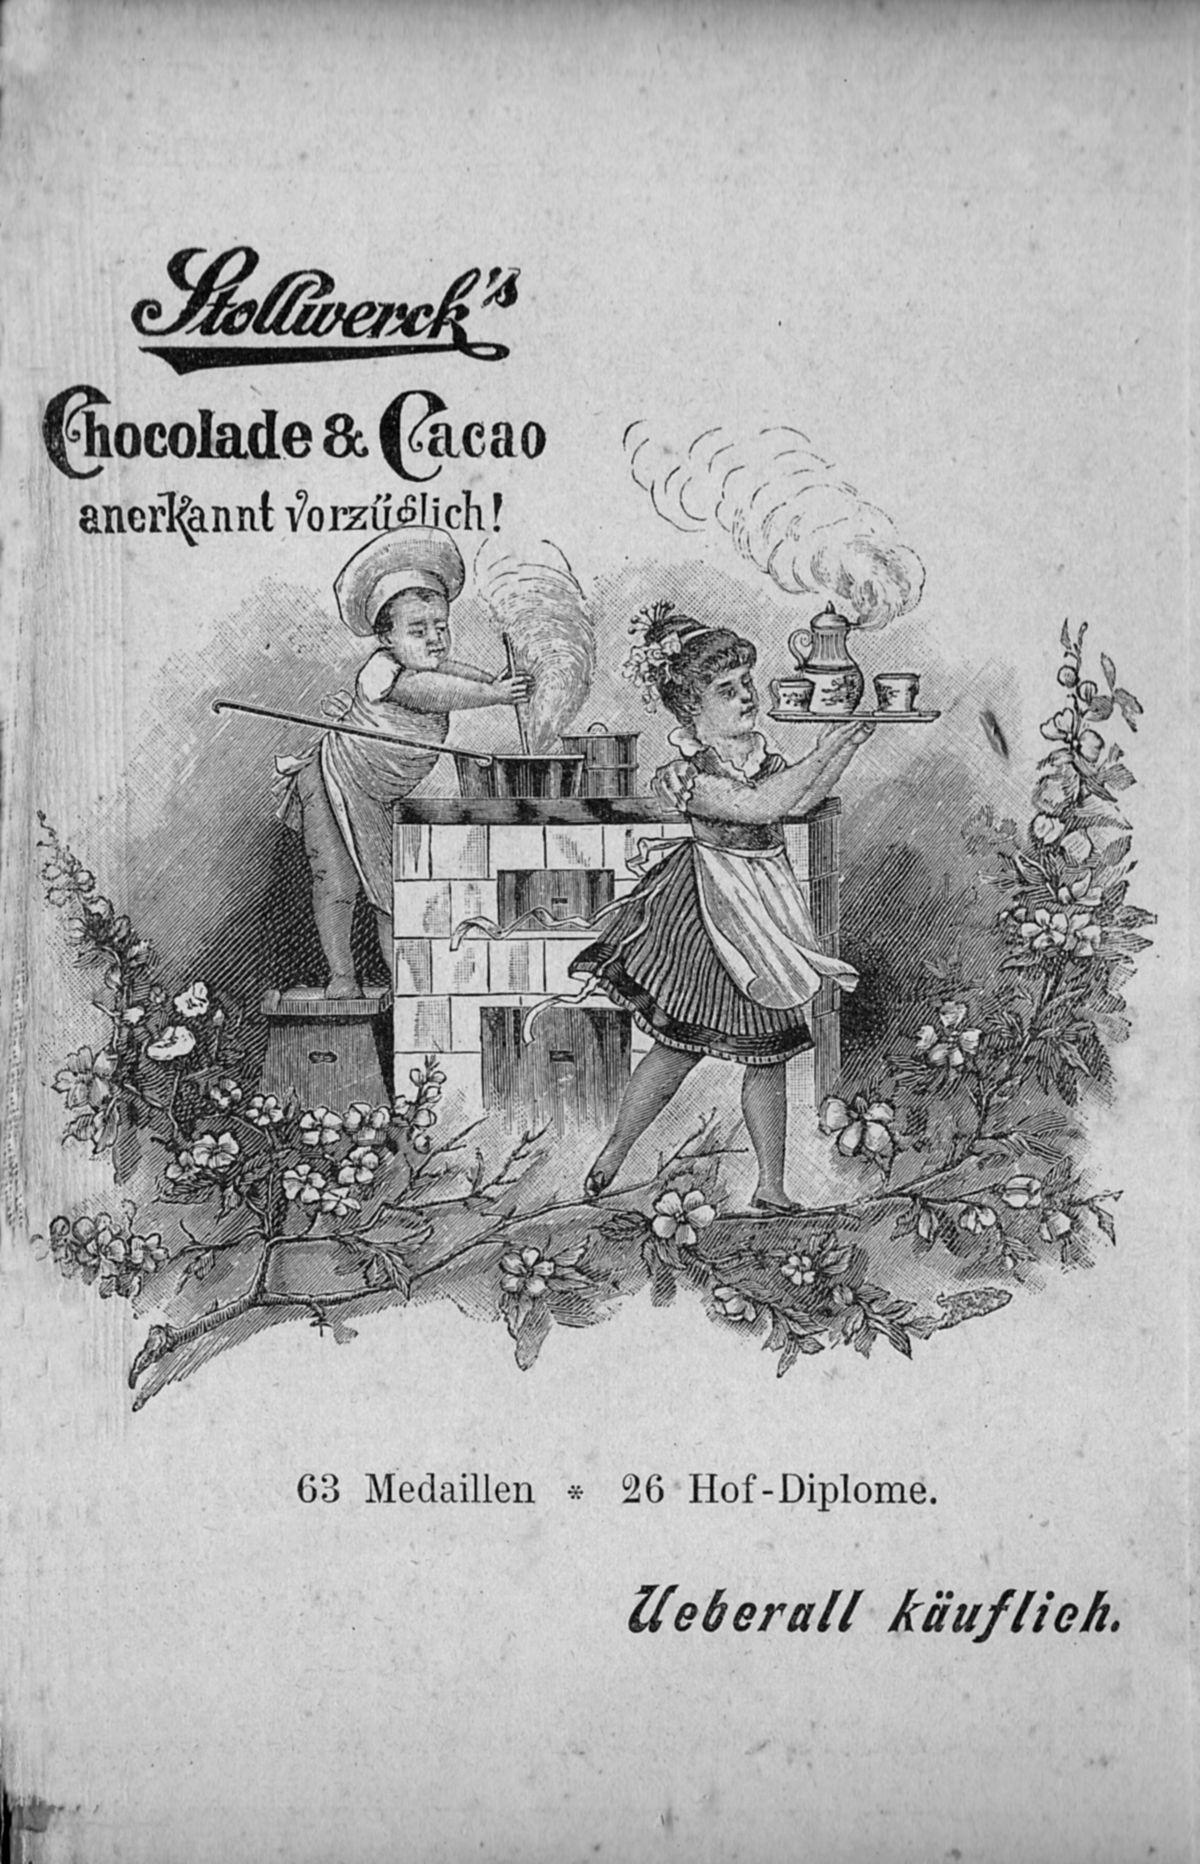 Stollwerck Werbung 1896.jpg